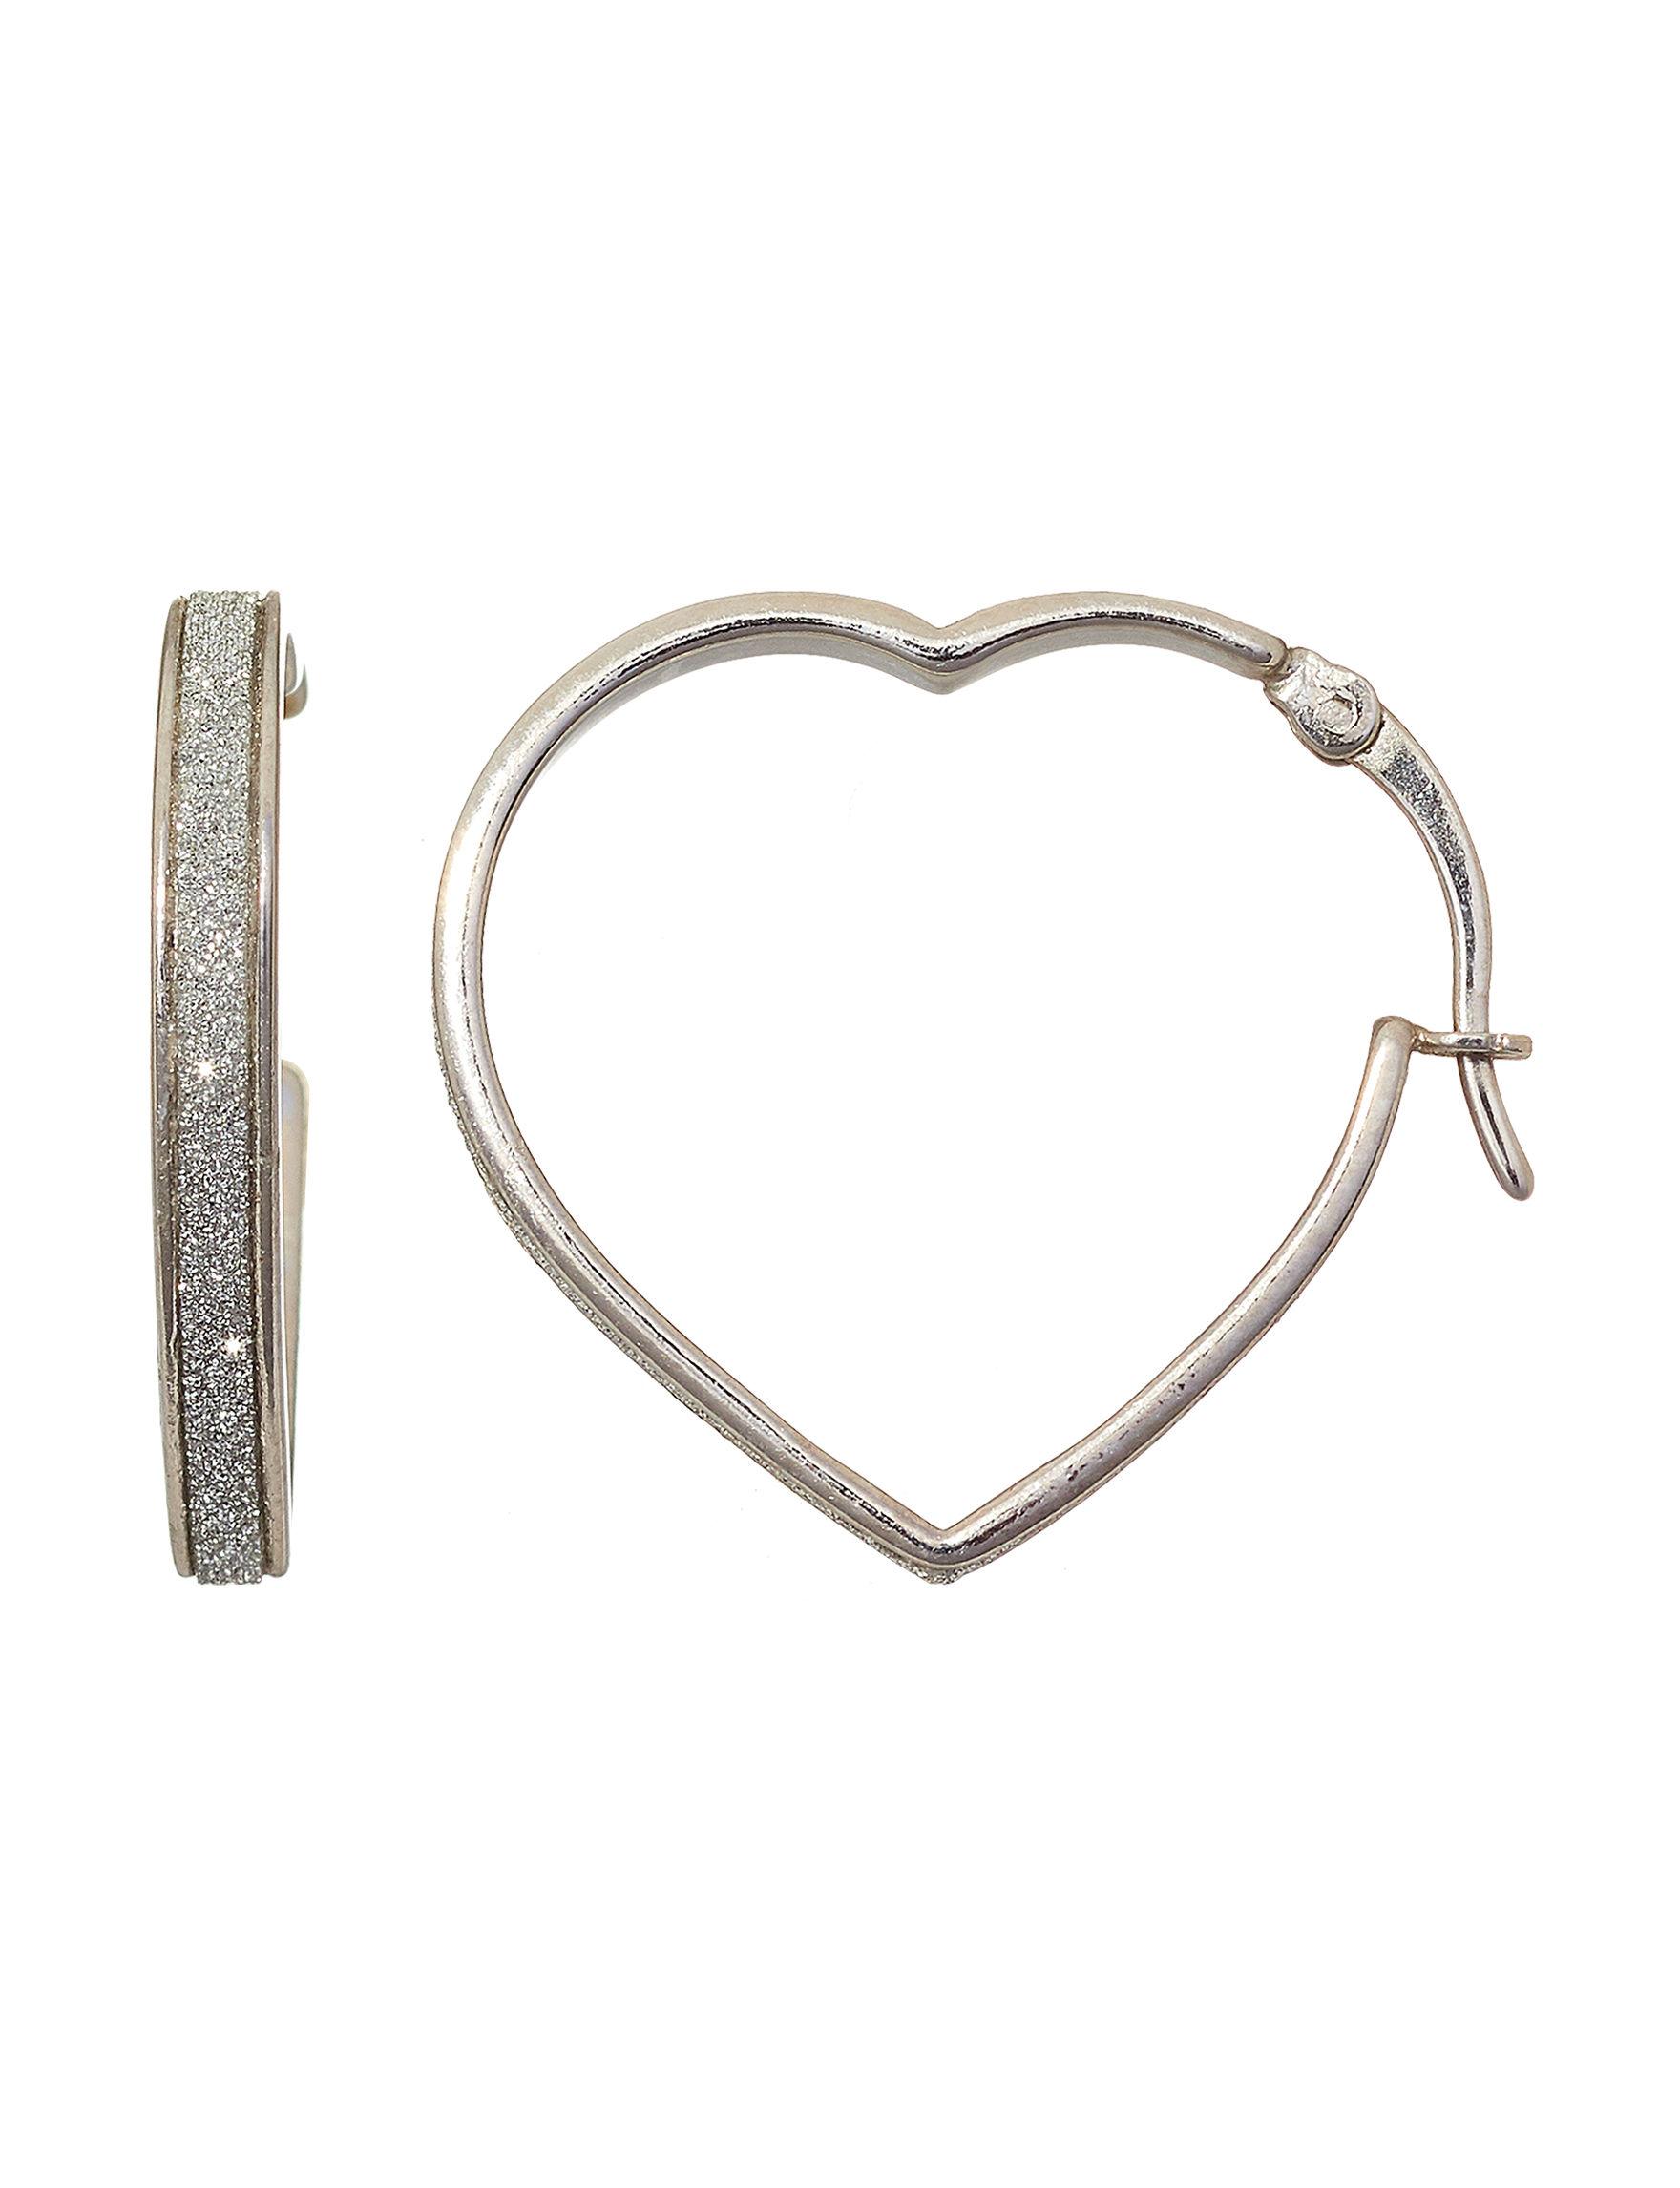 NES Silver / Crystal Hoops Earrings Fine Jewelry